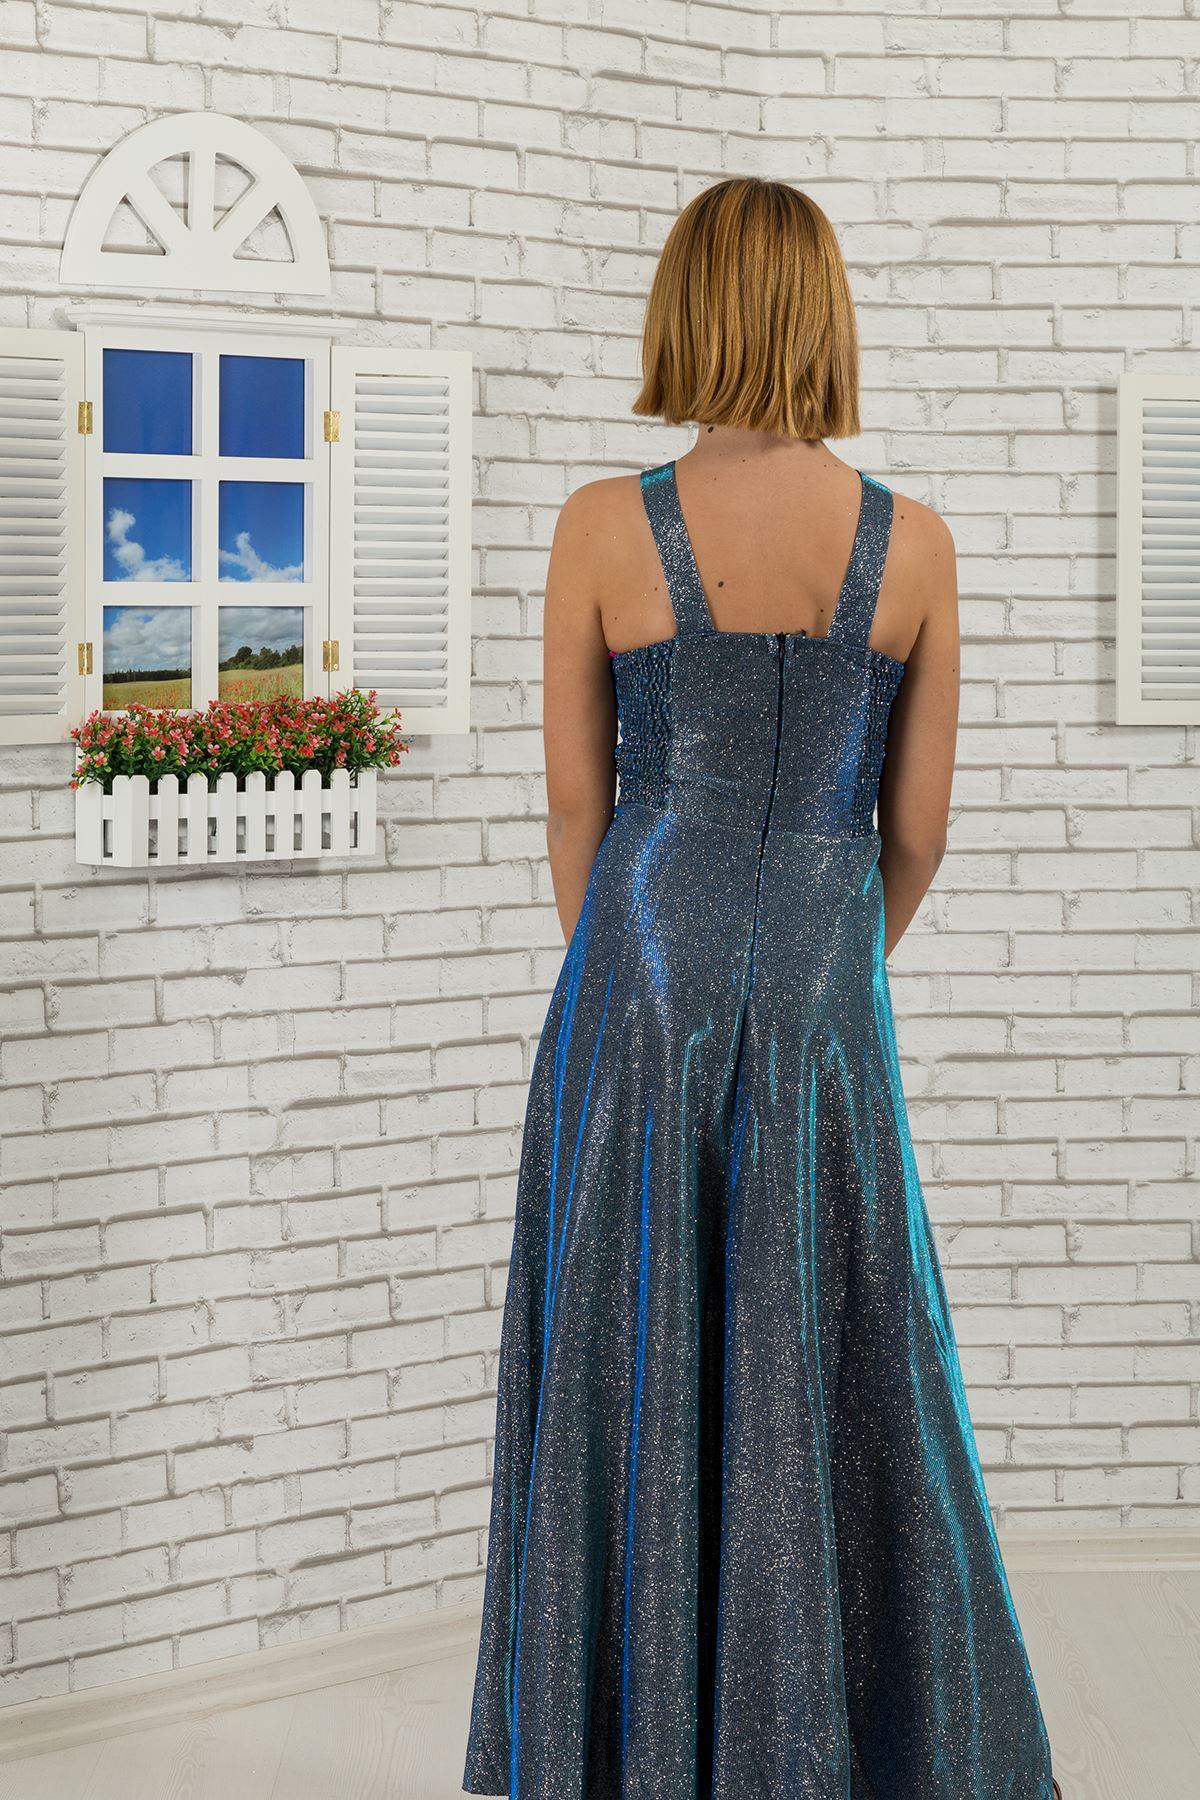 Талия и шея камень подробно, серебристая ткань девочка детское вечернее платье 480 парламентарий